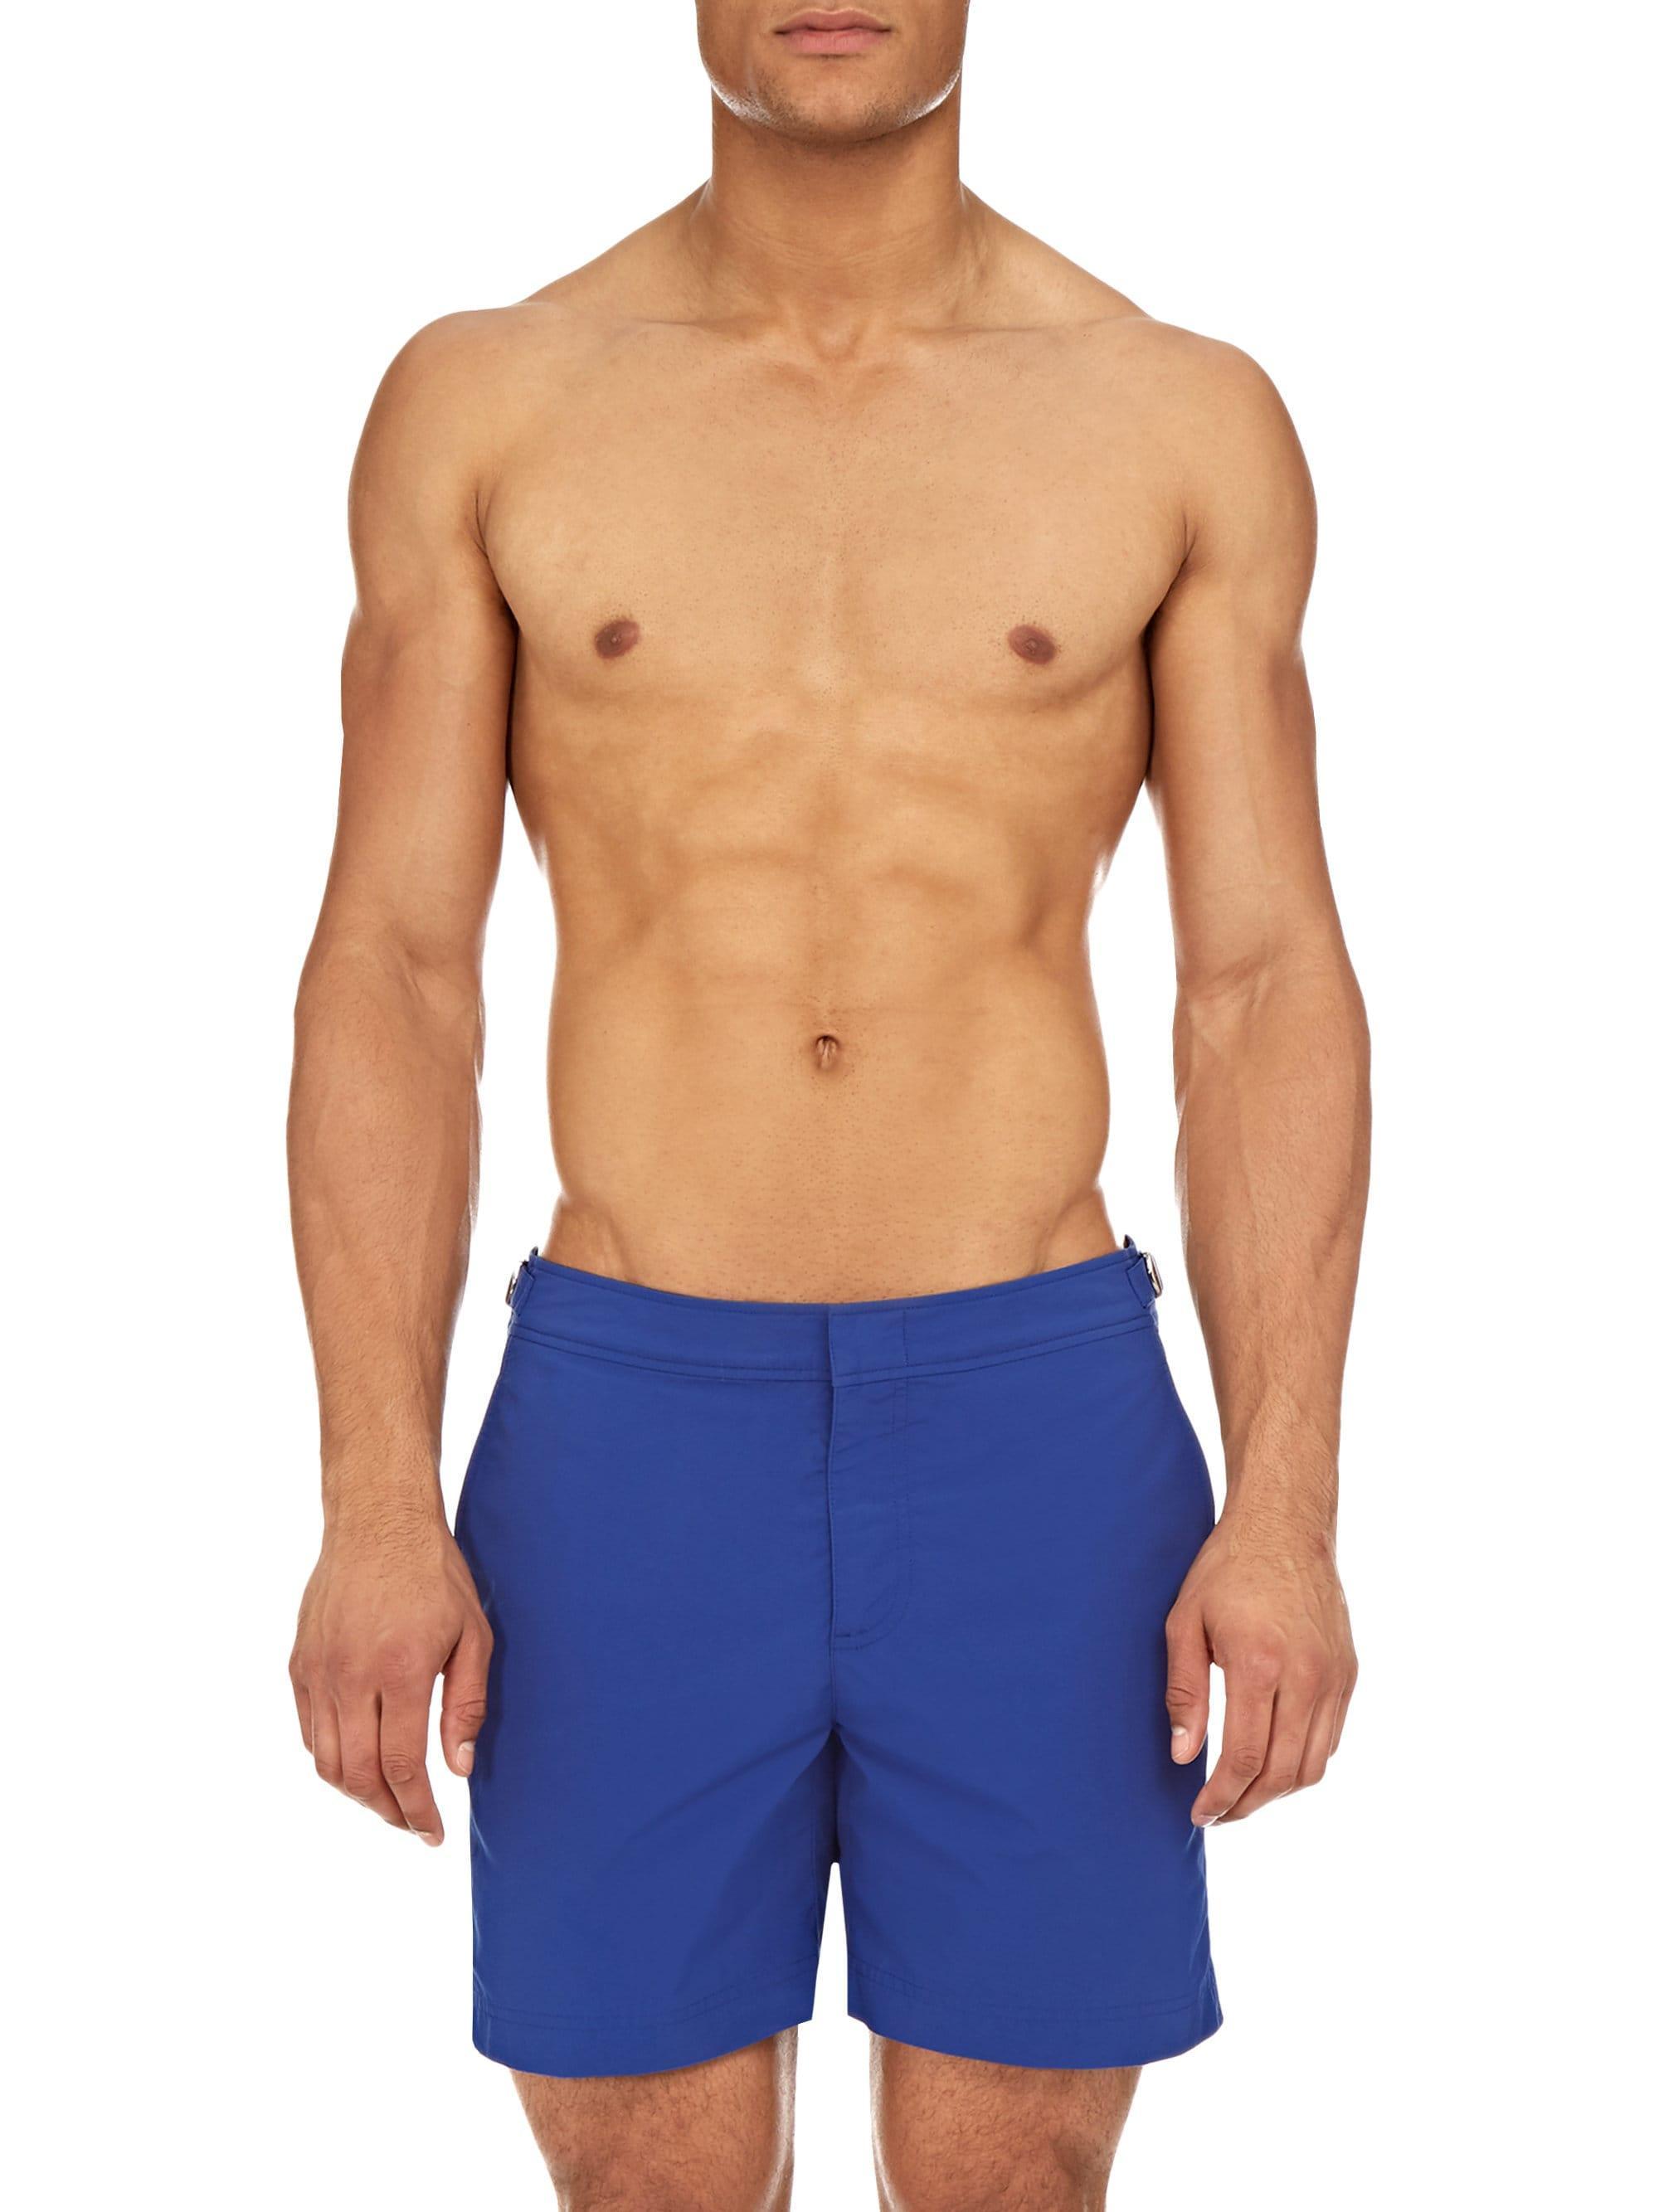 47d949366a Orlebar Brown Bulldog Mazanine Swim Trunks in Blue for Men - Lyst